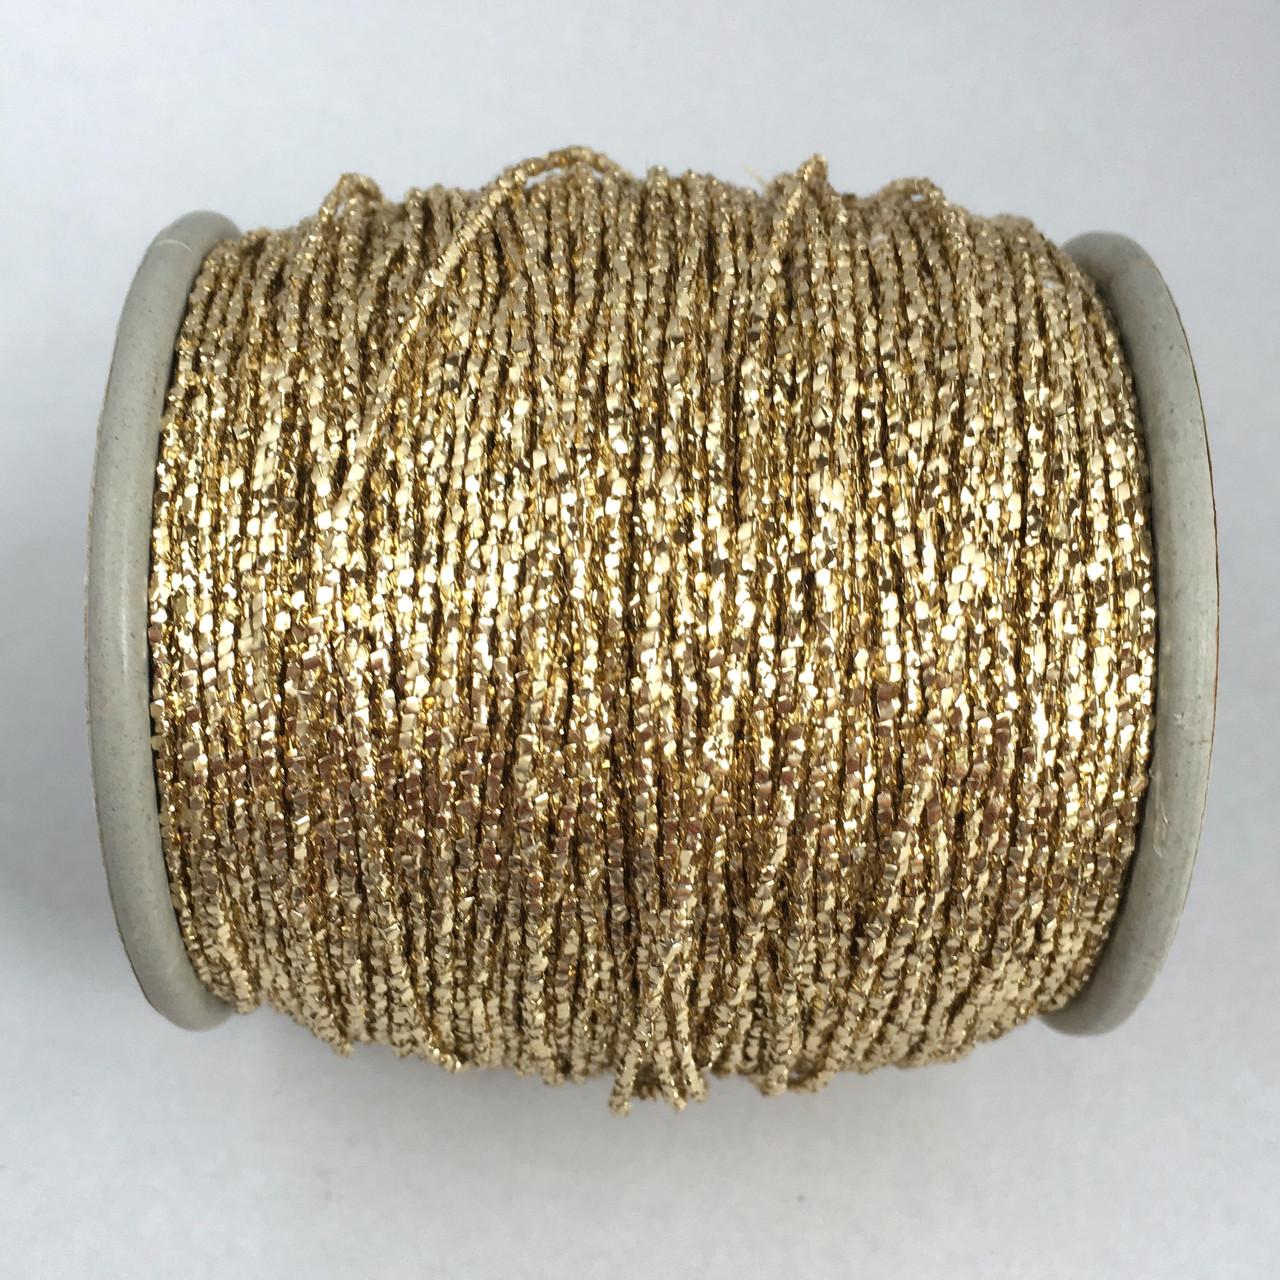 Нить металлизированная 1 мм. Цвет: светло-золотой. 1 м